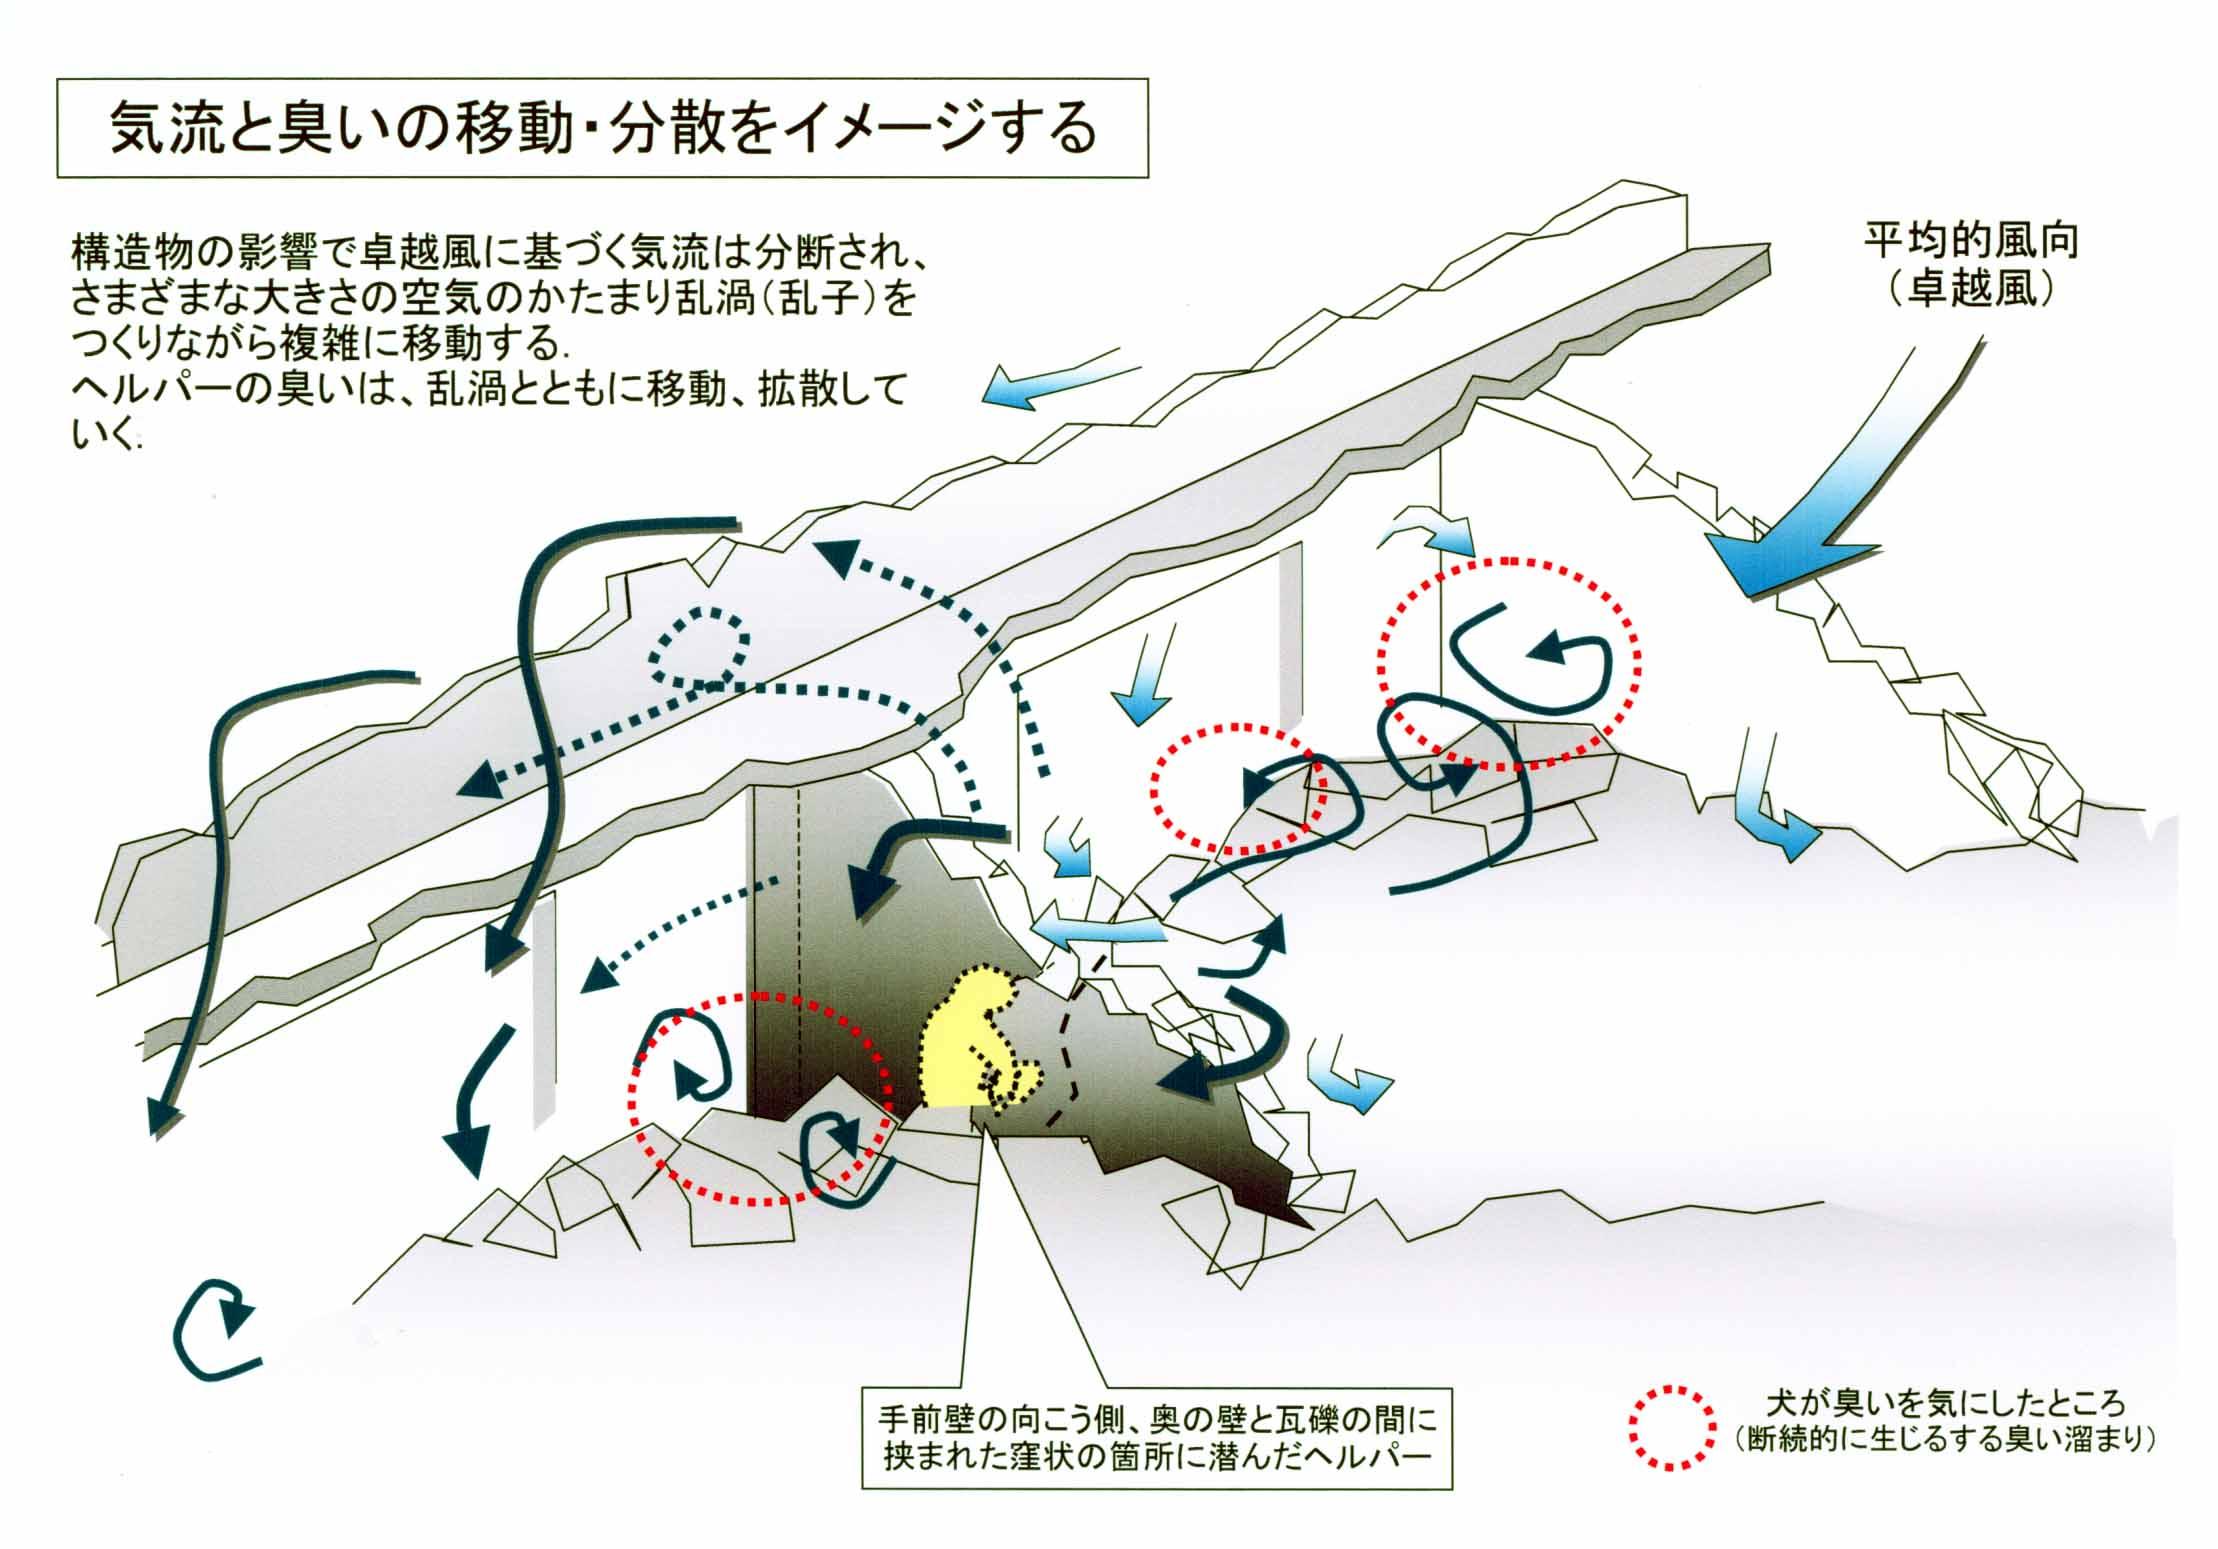 図面 ヘルパーの臭いの移動と分散(イメージ)